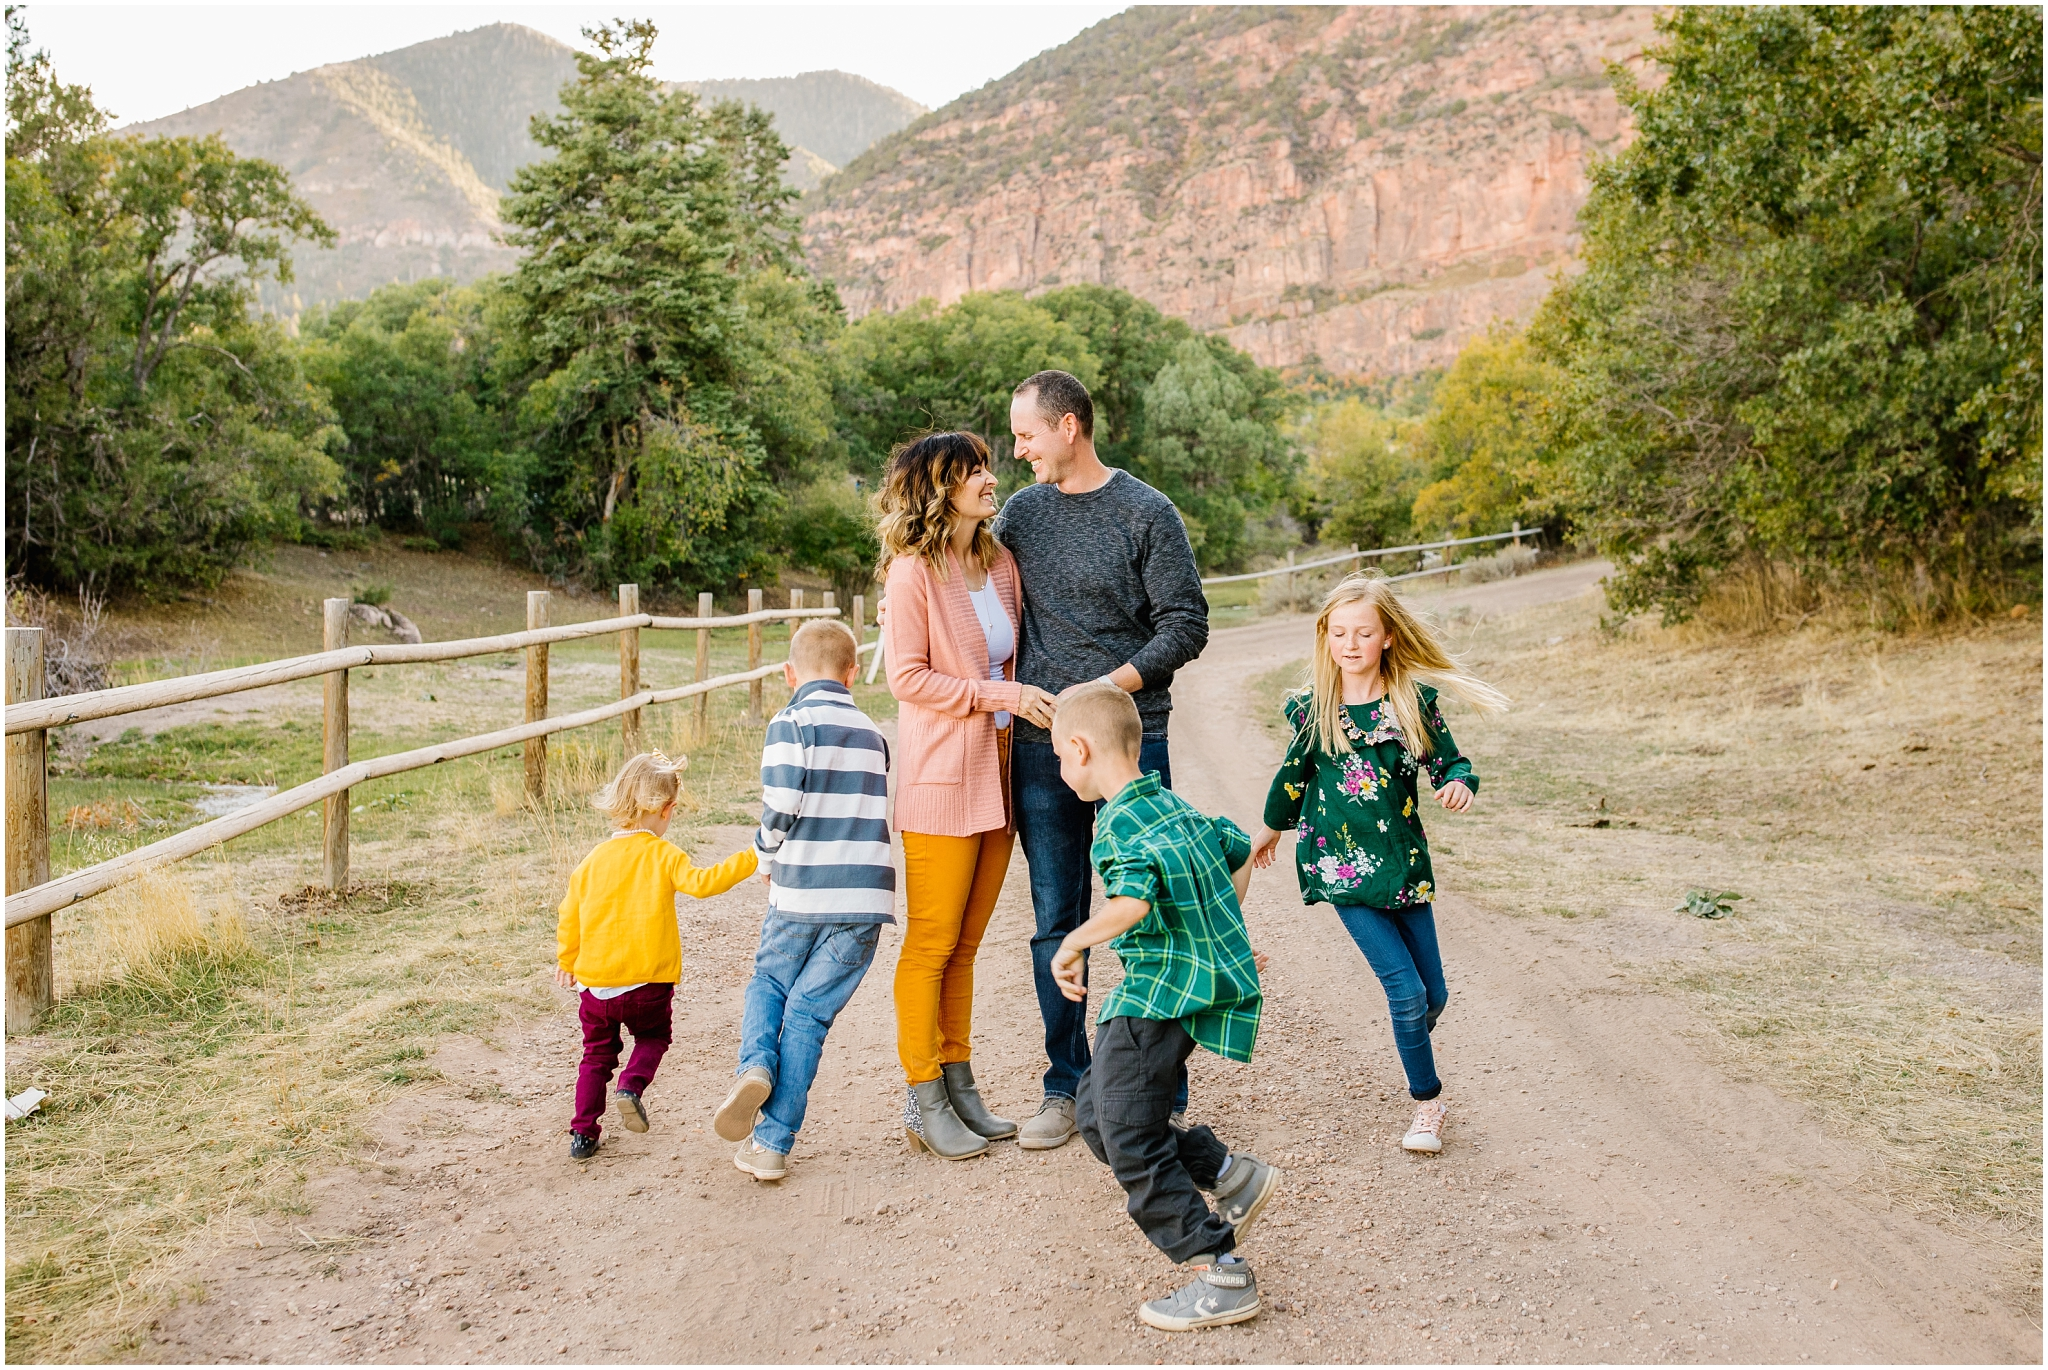 CominMini-44_Lizzie-B-Imagery-Utah-Family-Photographer-Utah-County-Central-Utah-Park-City-Salt-Lake-City.jpg